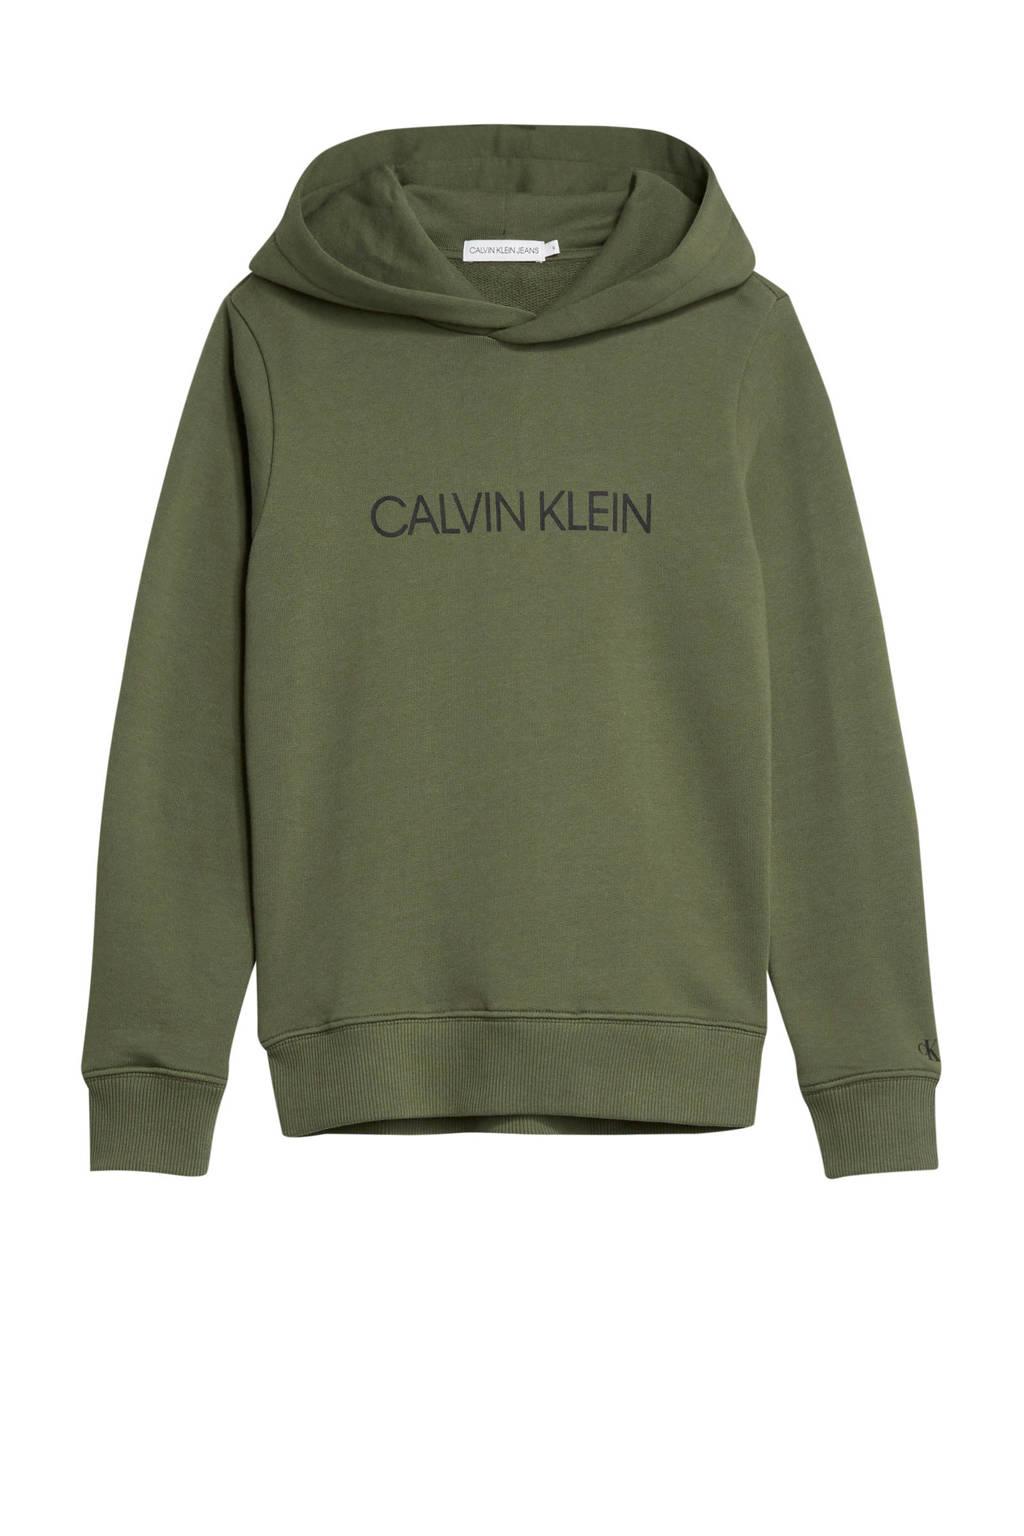 CALVIN KLEIN JEANS hoodie met logo olijfgroen/zwart, Olijfgroen/zwart